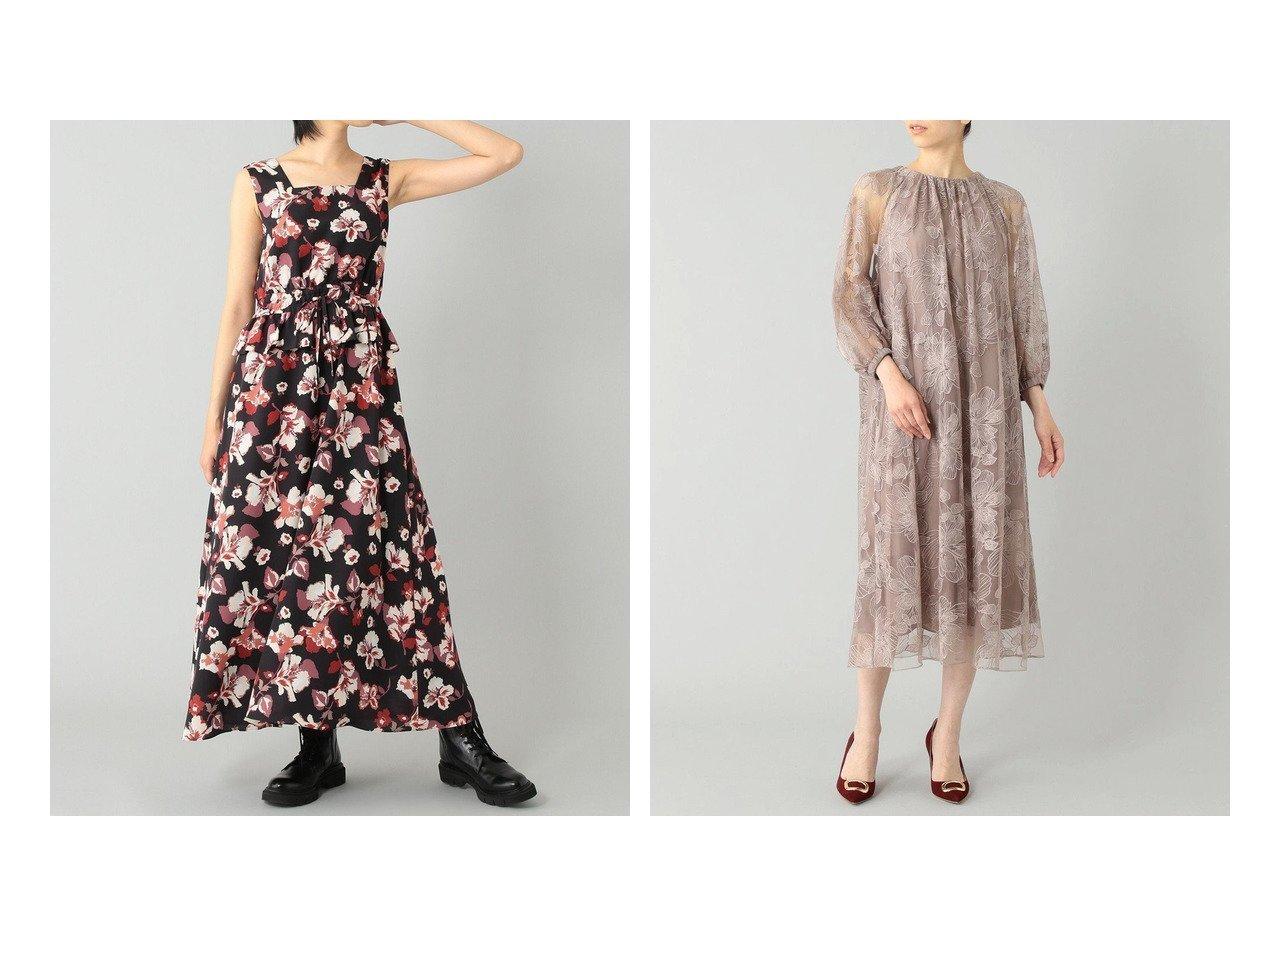 【GRACE CONTINENTAL/グレース コンチネンタル】のビックフラワーチュールドレス&ハイビスカスシャーリングワンピース 【ワンピース・ドレス】おすすめ!人気、トレンド・レディースファッションの通販 おすすめで人気の流行・トレンド、ファッションの通販商品 インテリア・家具・メンズファッション・キッズファッション・レディースファッション・服の通販 founy(ファニー) https://founy.com/ ファッション Fashion レディースファッション WOMEN ワンピース Dress ドレス Party Dresses 送料無料 Free Shipping ドローストリング フリル リゾート リラックス 夏 Summer シアー チュール ドレス ドレープ フェミニン フラワー モチーフ リボン 定番 Standard  ID:crp329100000056878